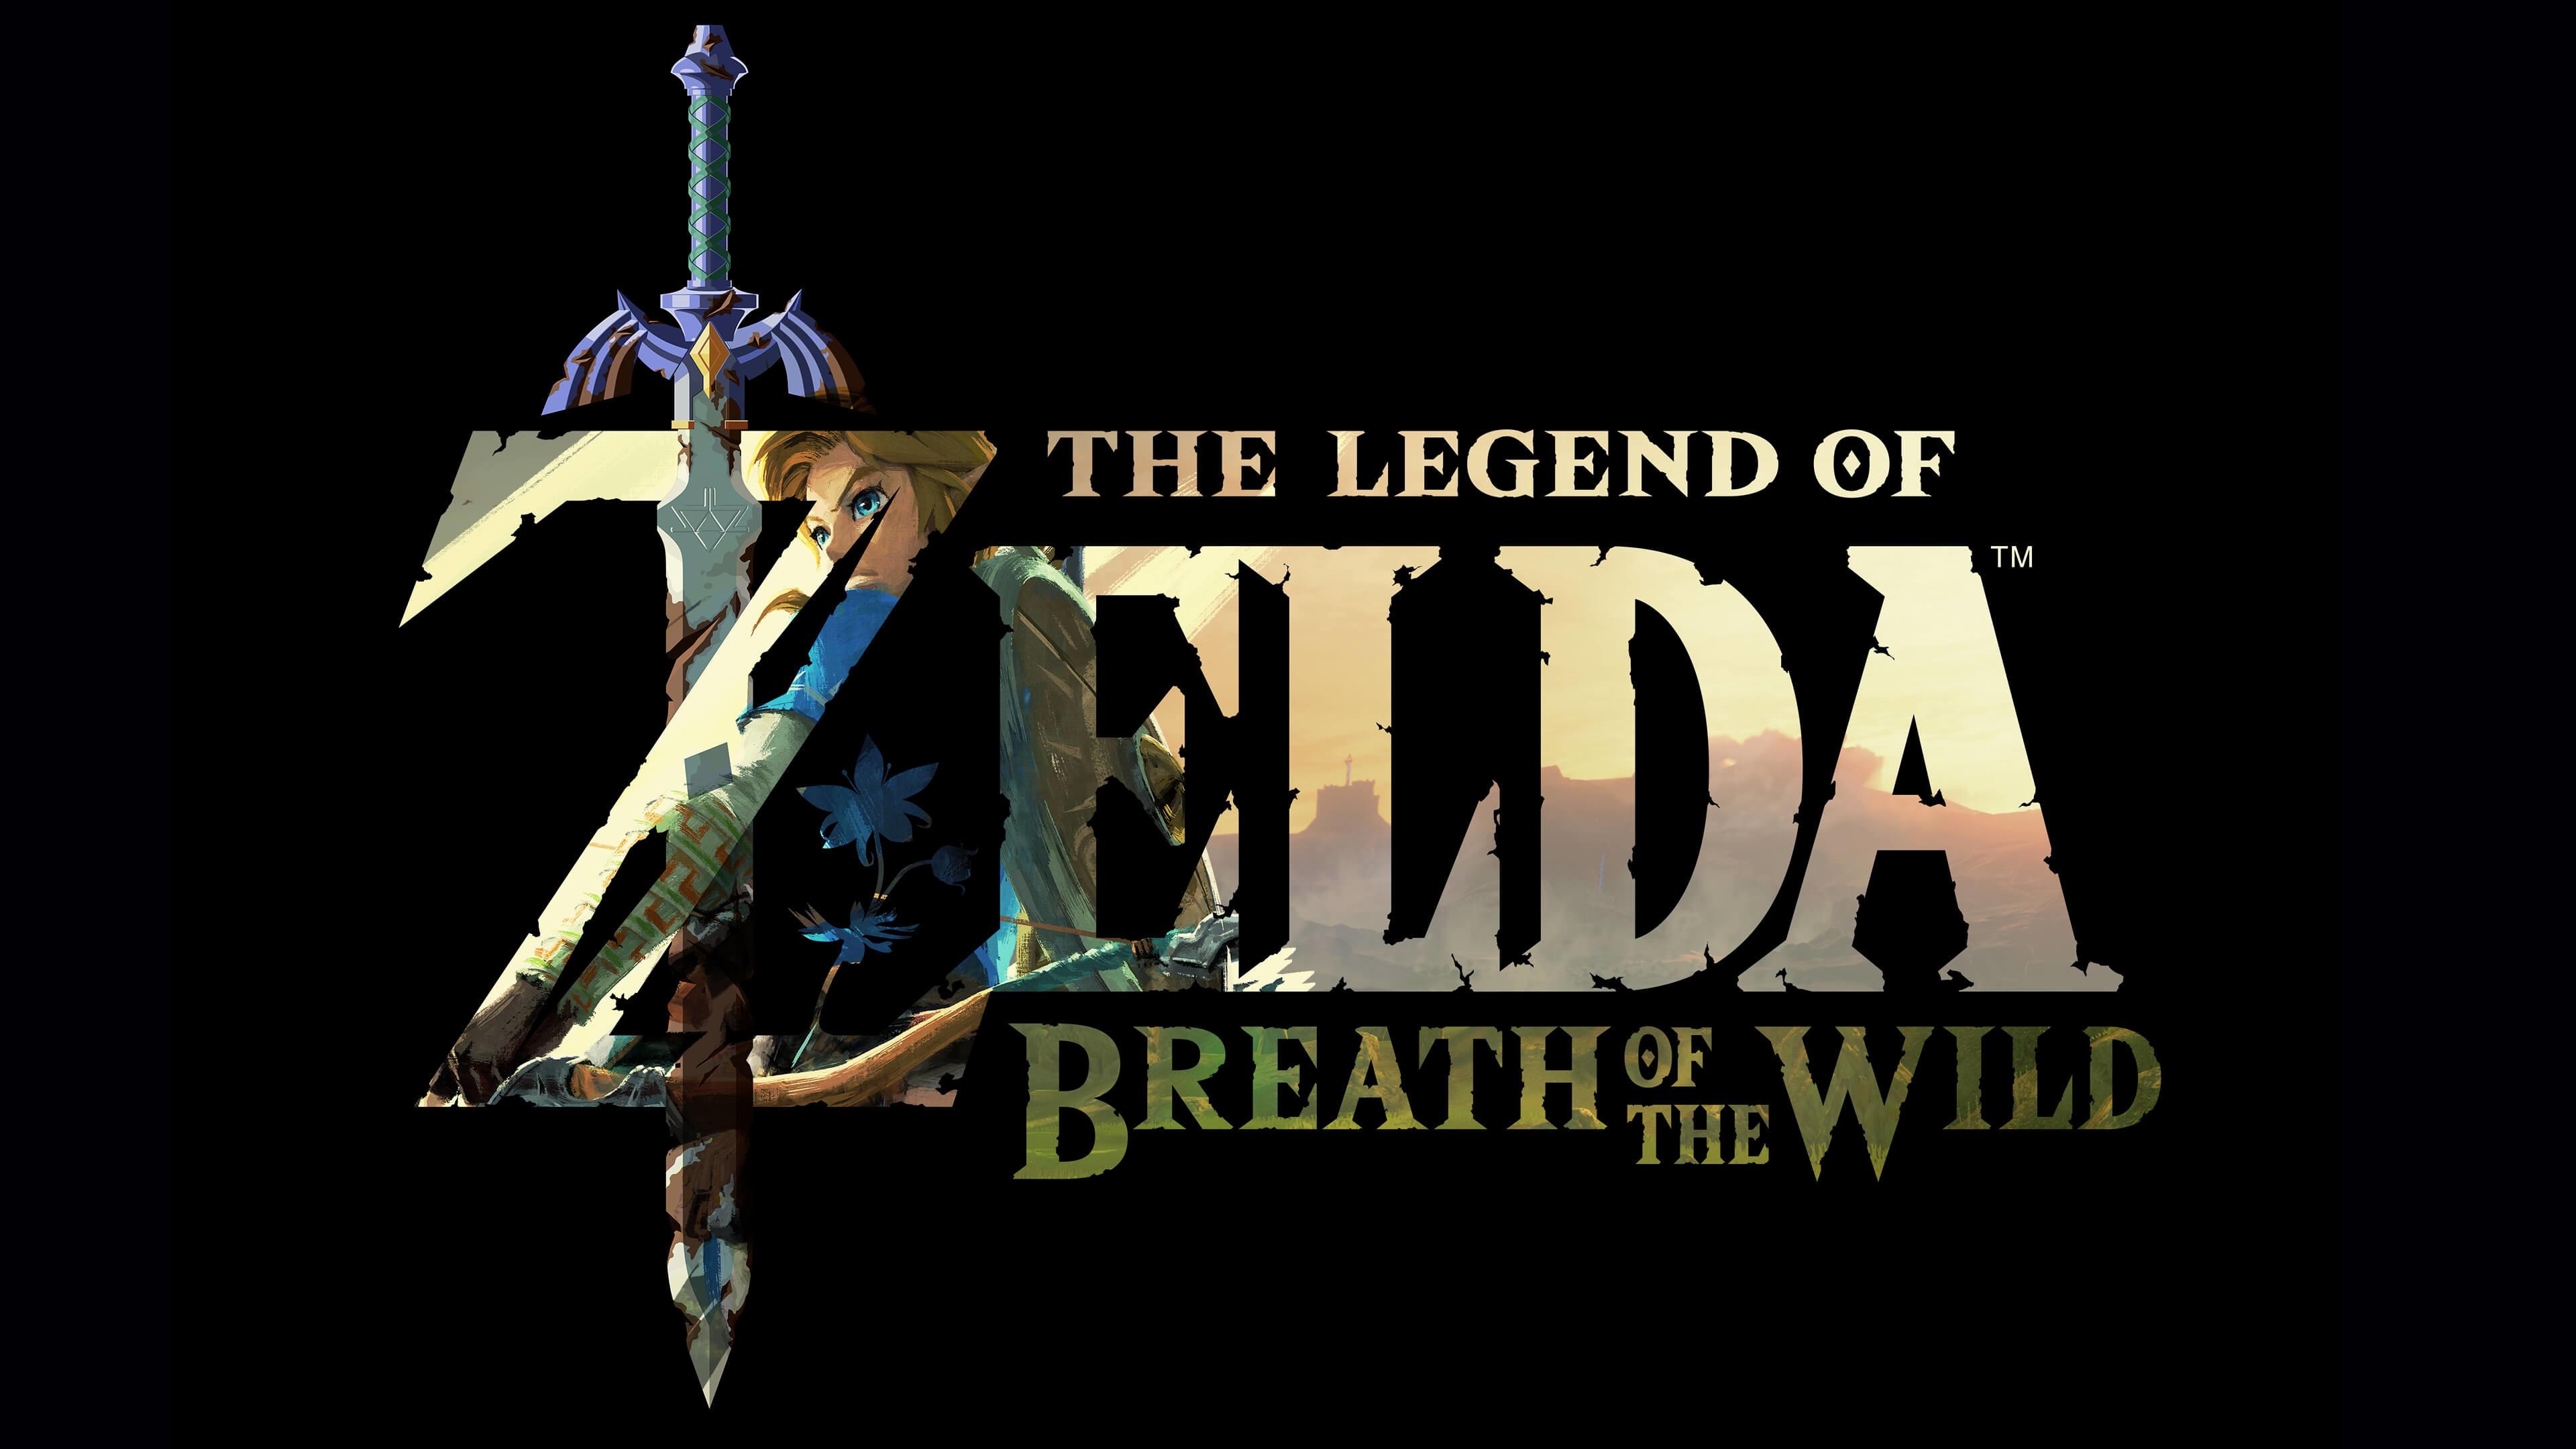 the legend of zelda breathe of the wild uhd 4k wallpaper